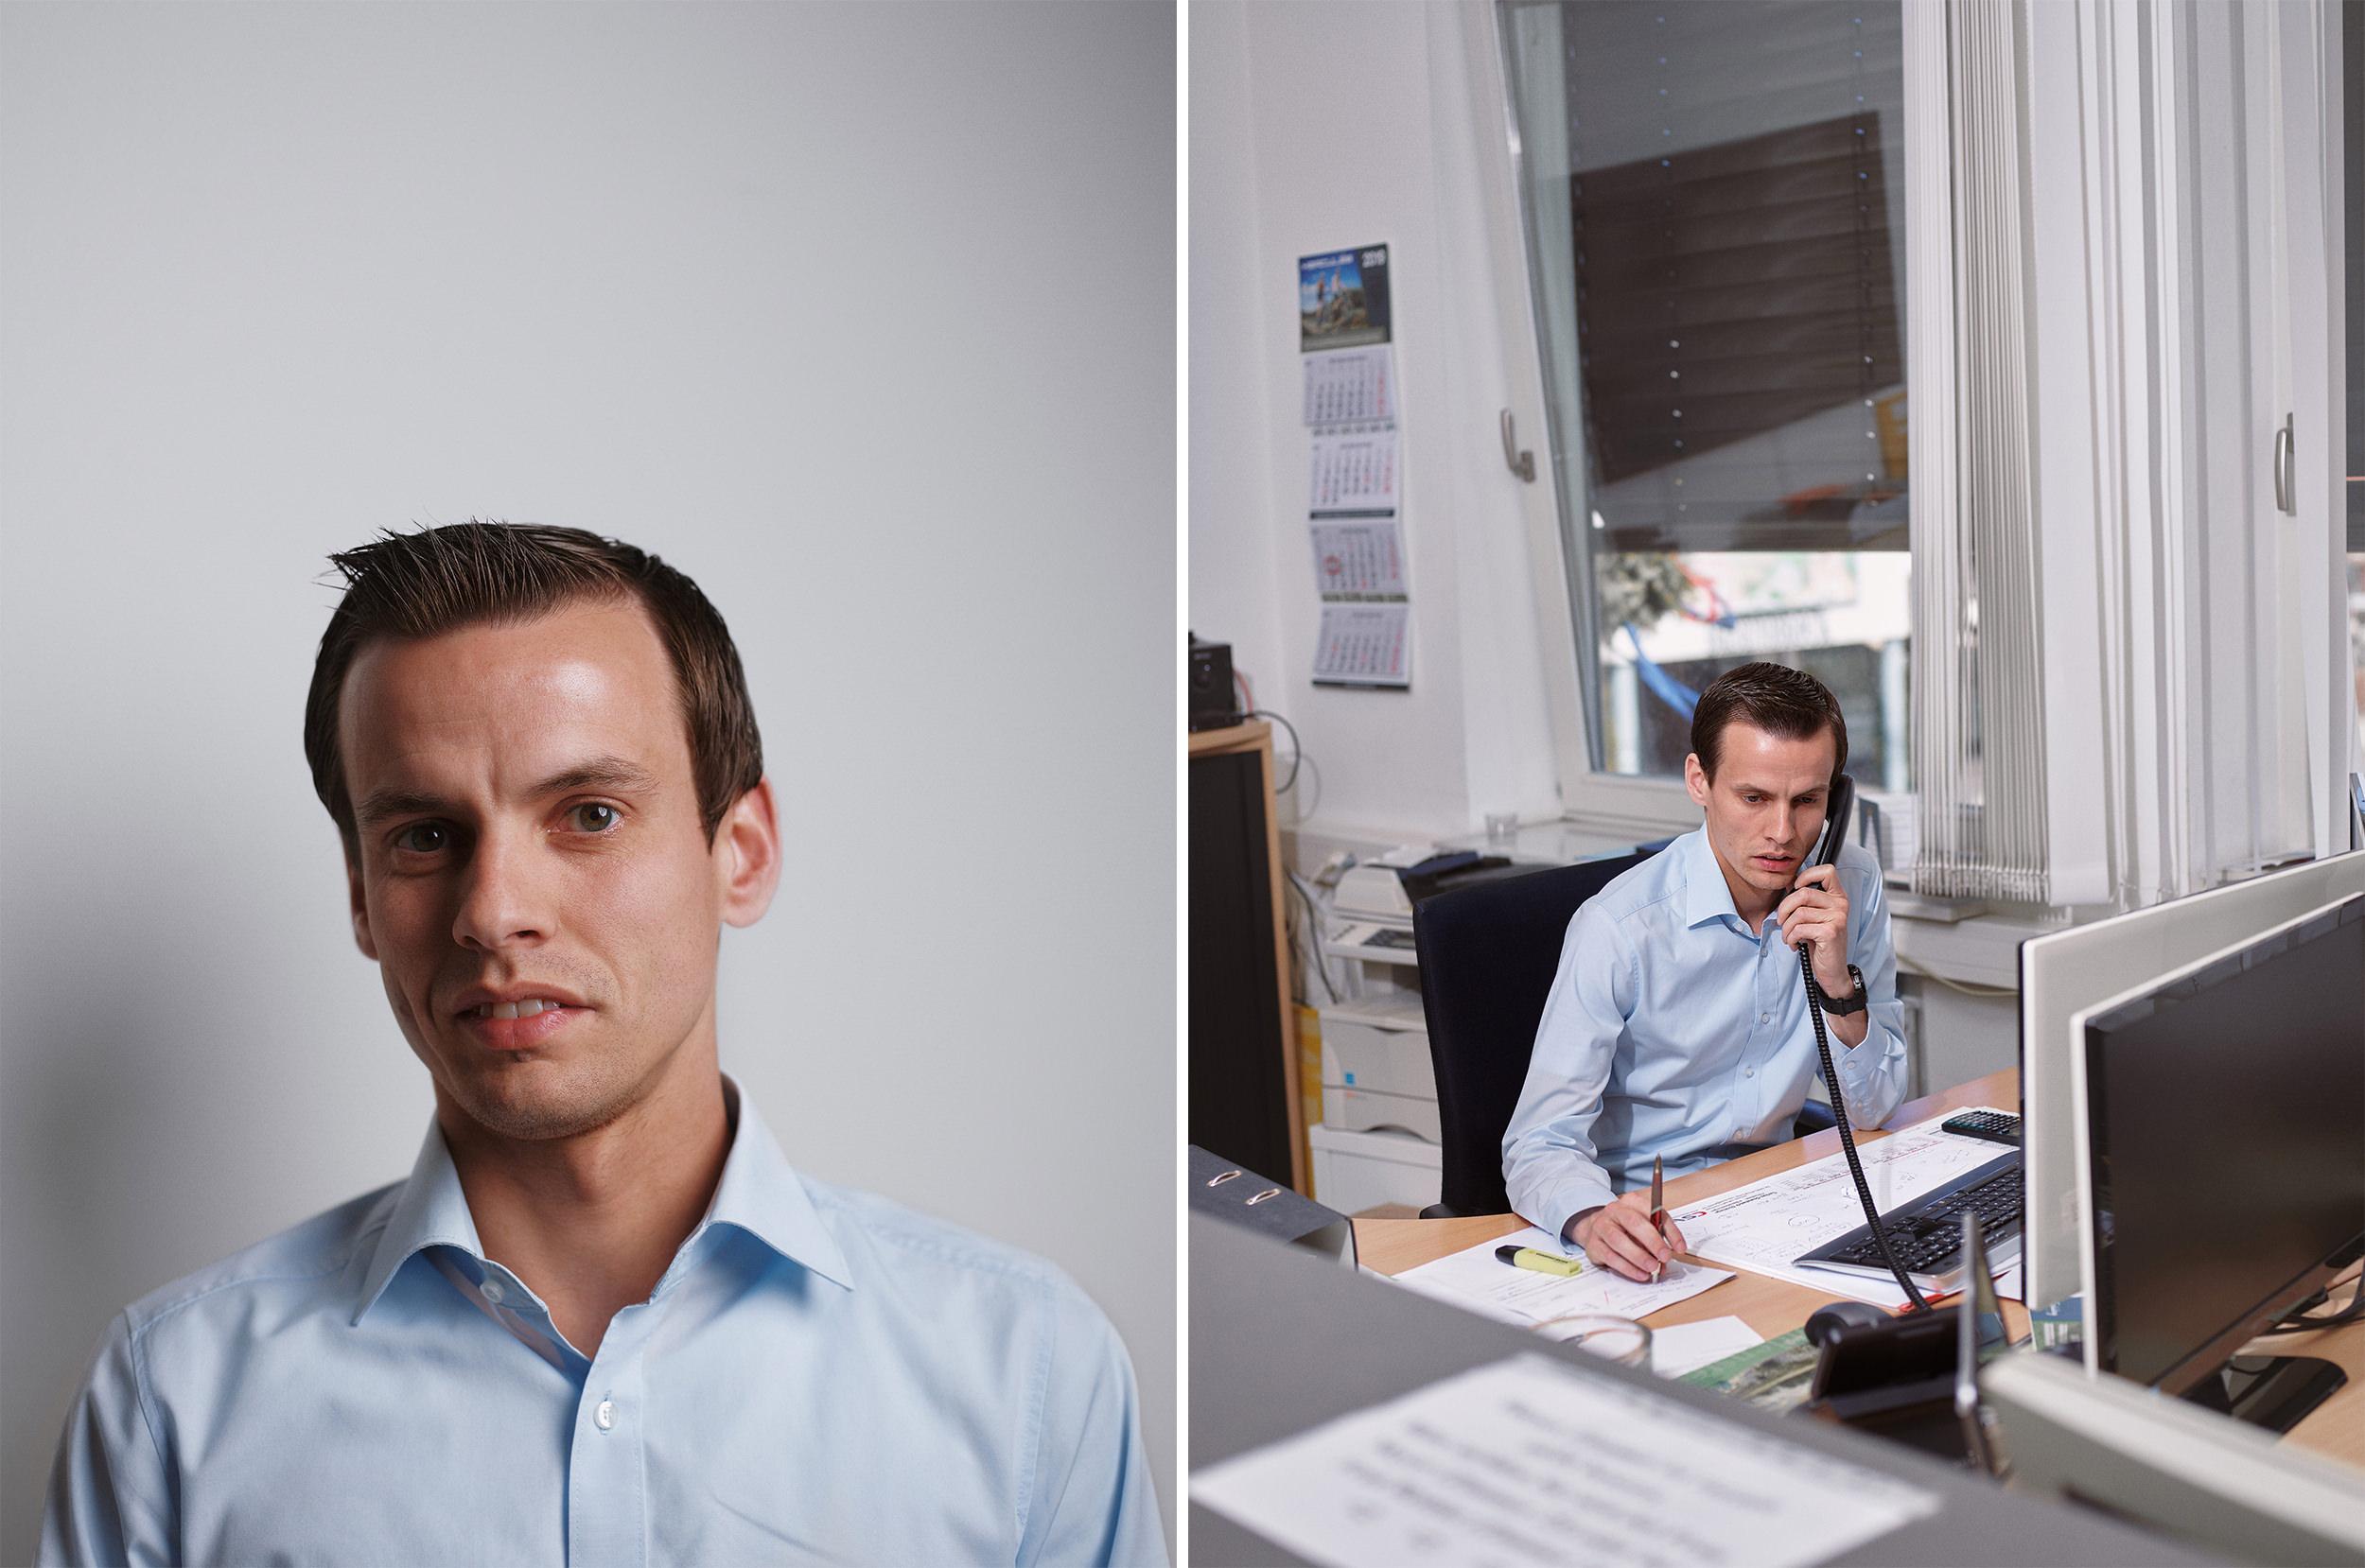 Steffen Boning, Goldenstedt für DIE ZEIT, 2019 Patrick Pollmeier